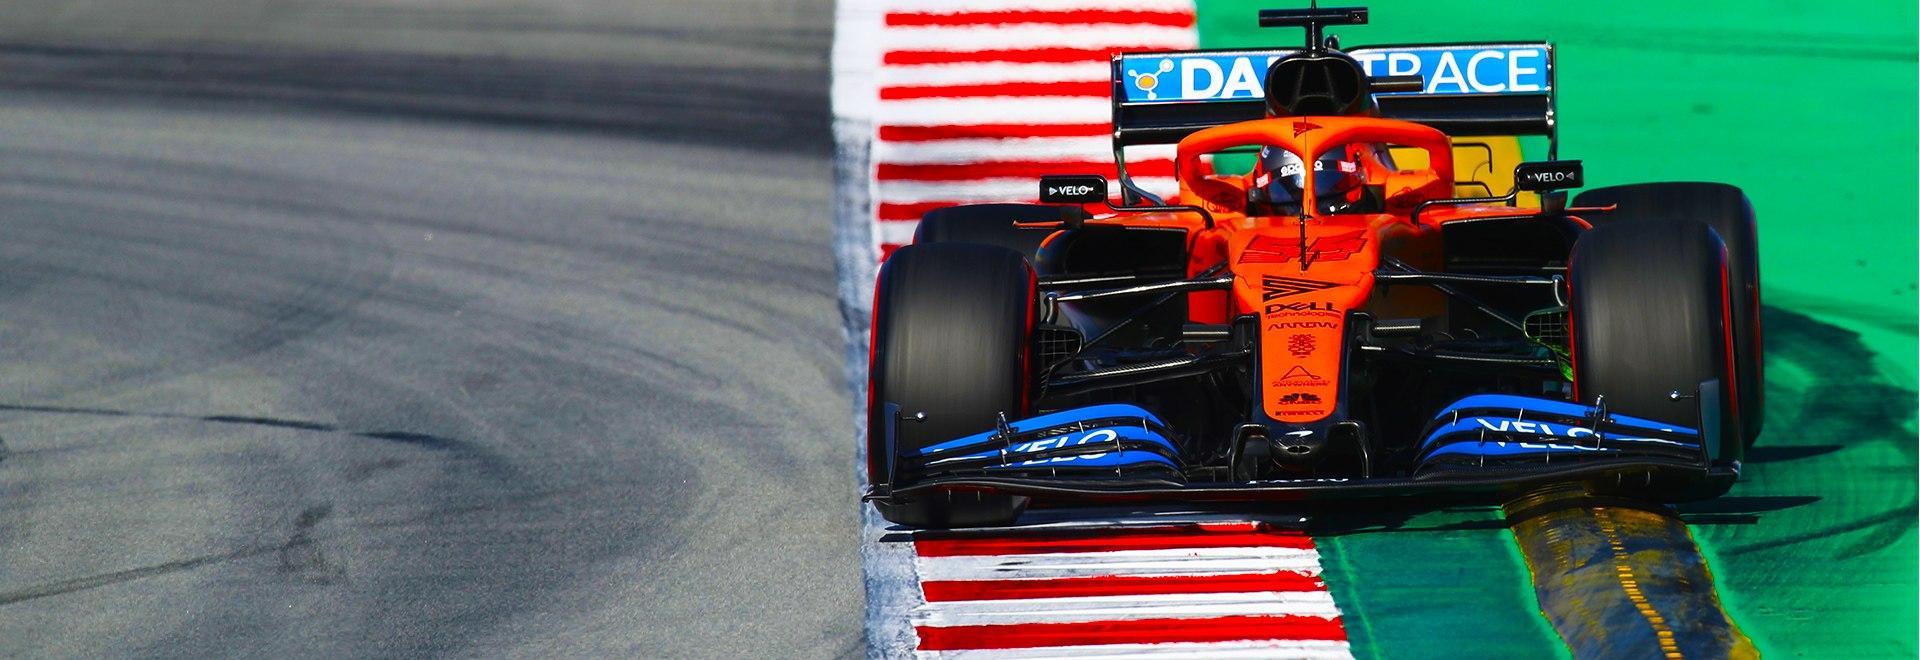 Carlito's Way Speciale Sainz In Ferrari